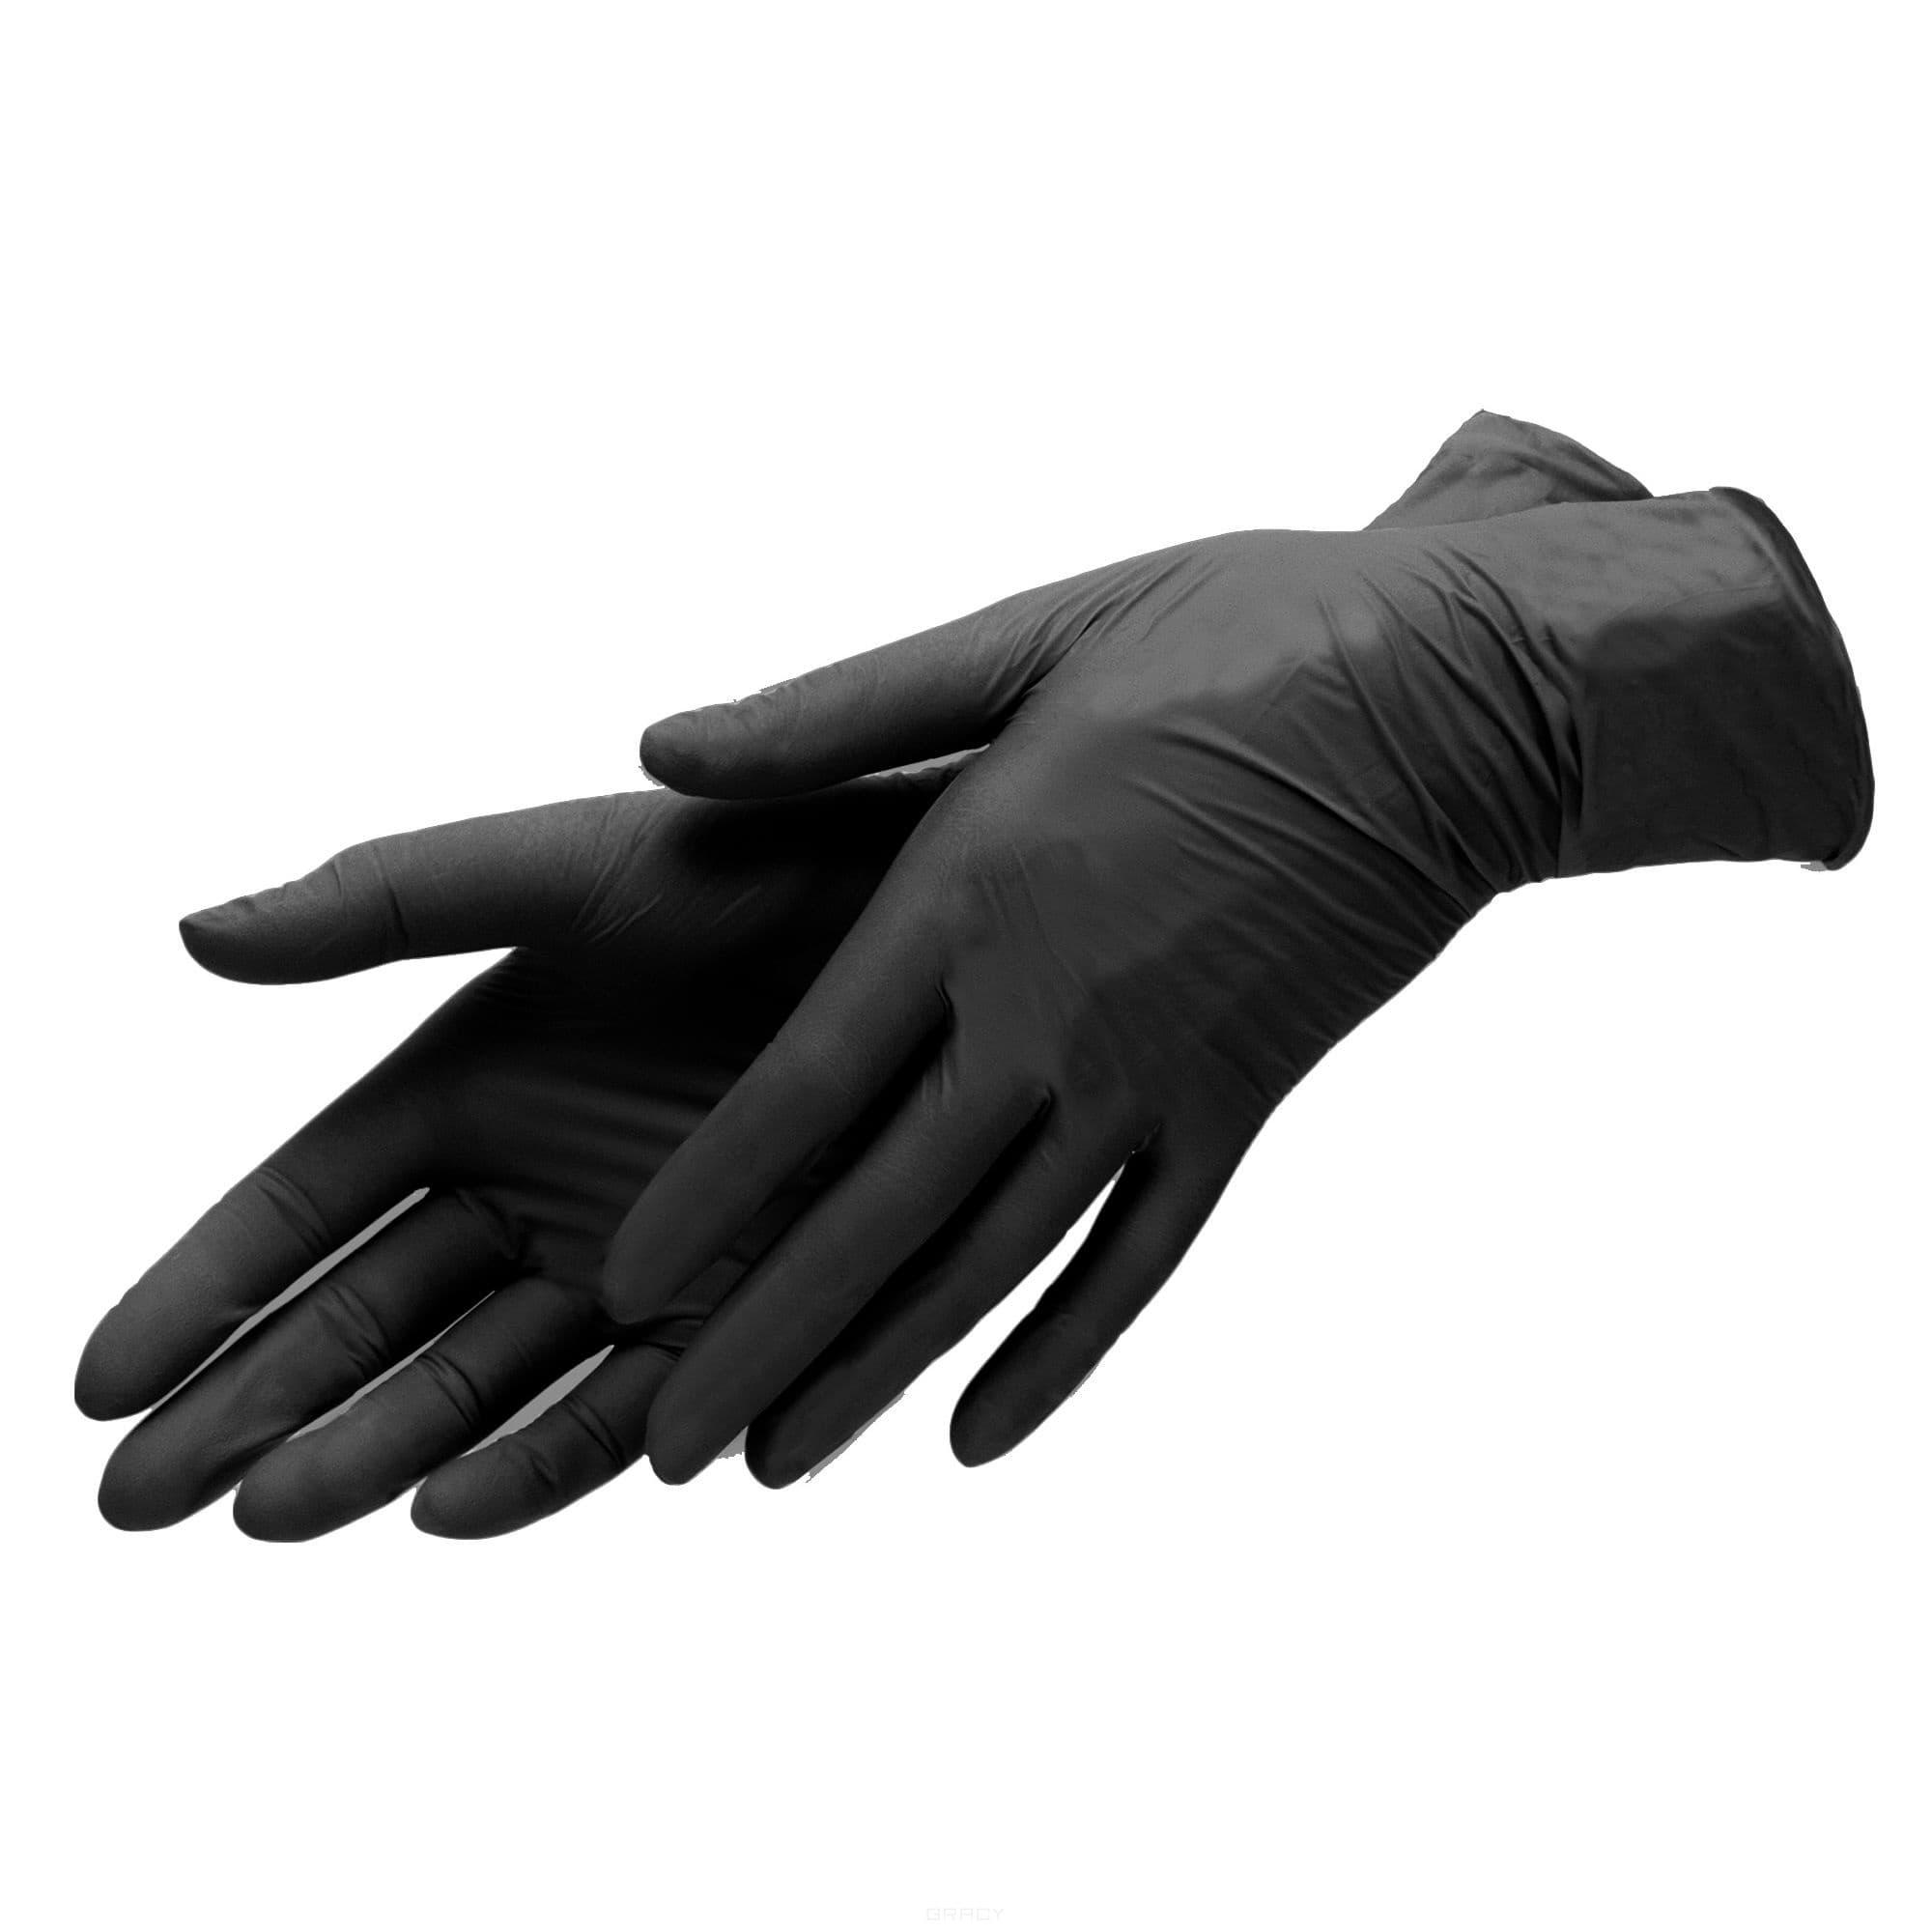 Planet Nails, Перчатки нитриловые, черные, 100шт/уп (2 размера), 100 шт/уп, размер S